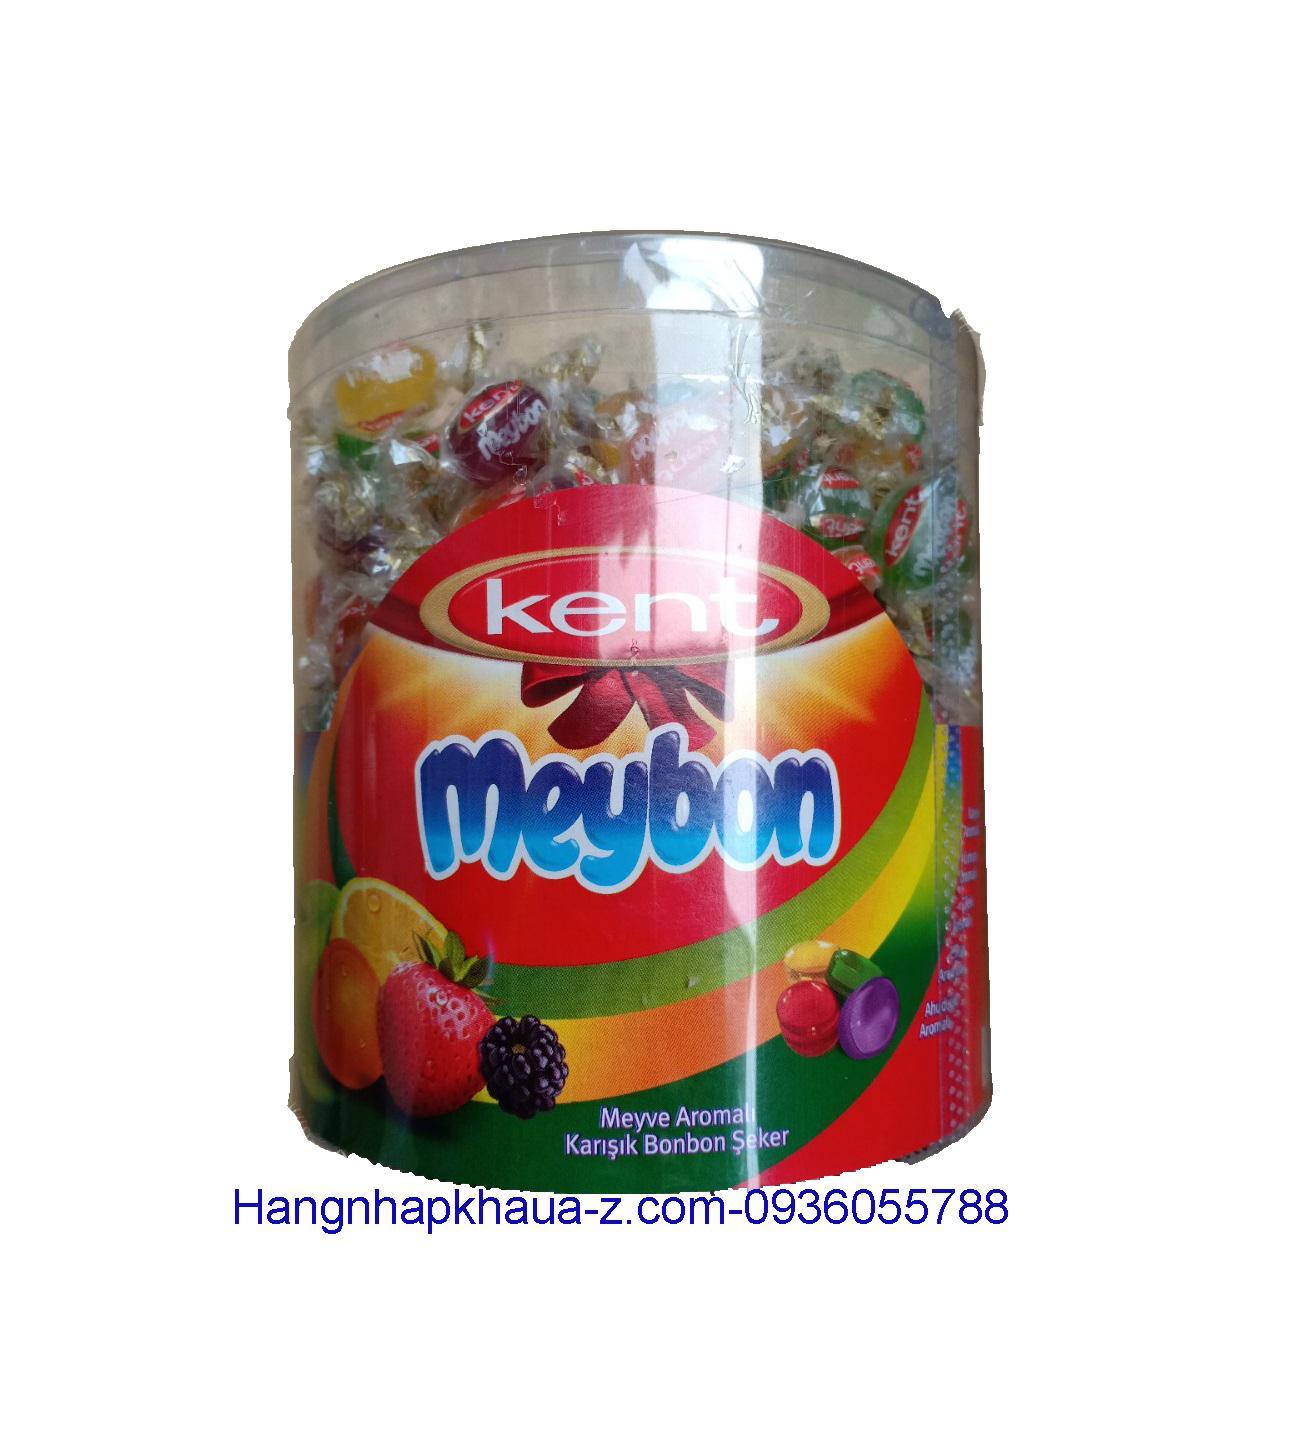 Kẹo Kent Meybon 504g